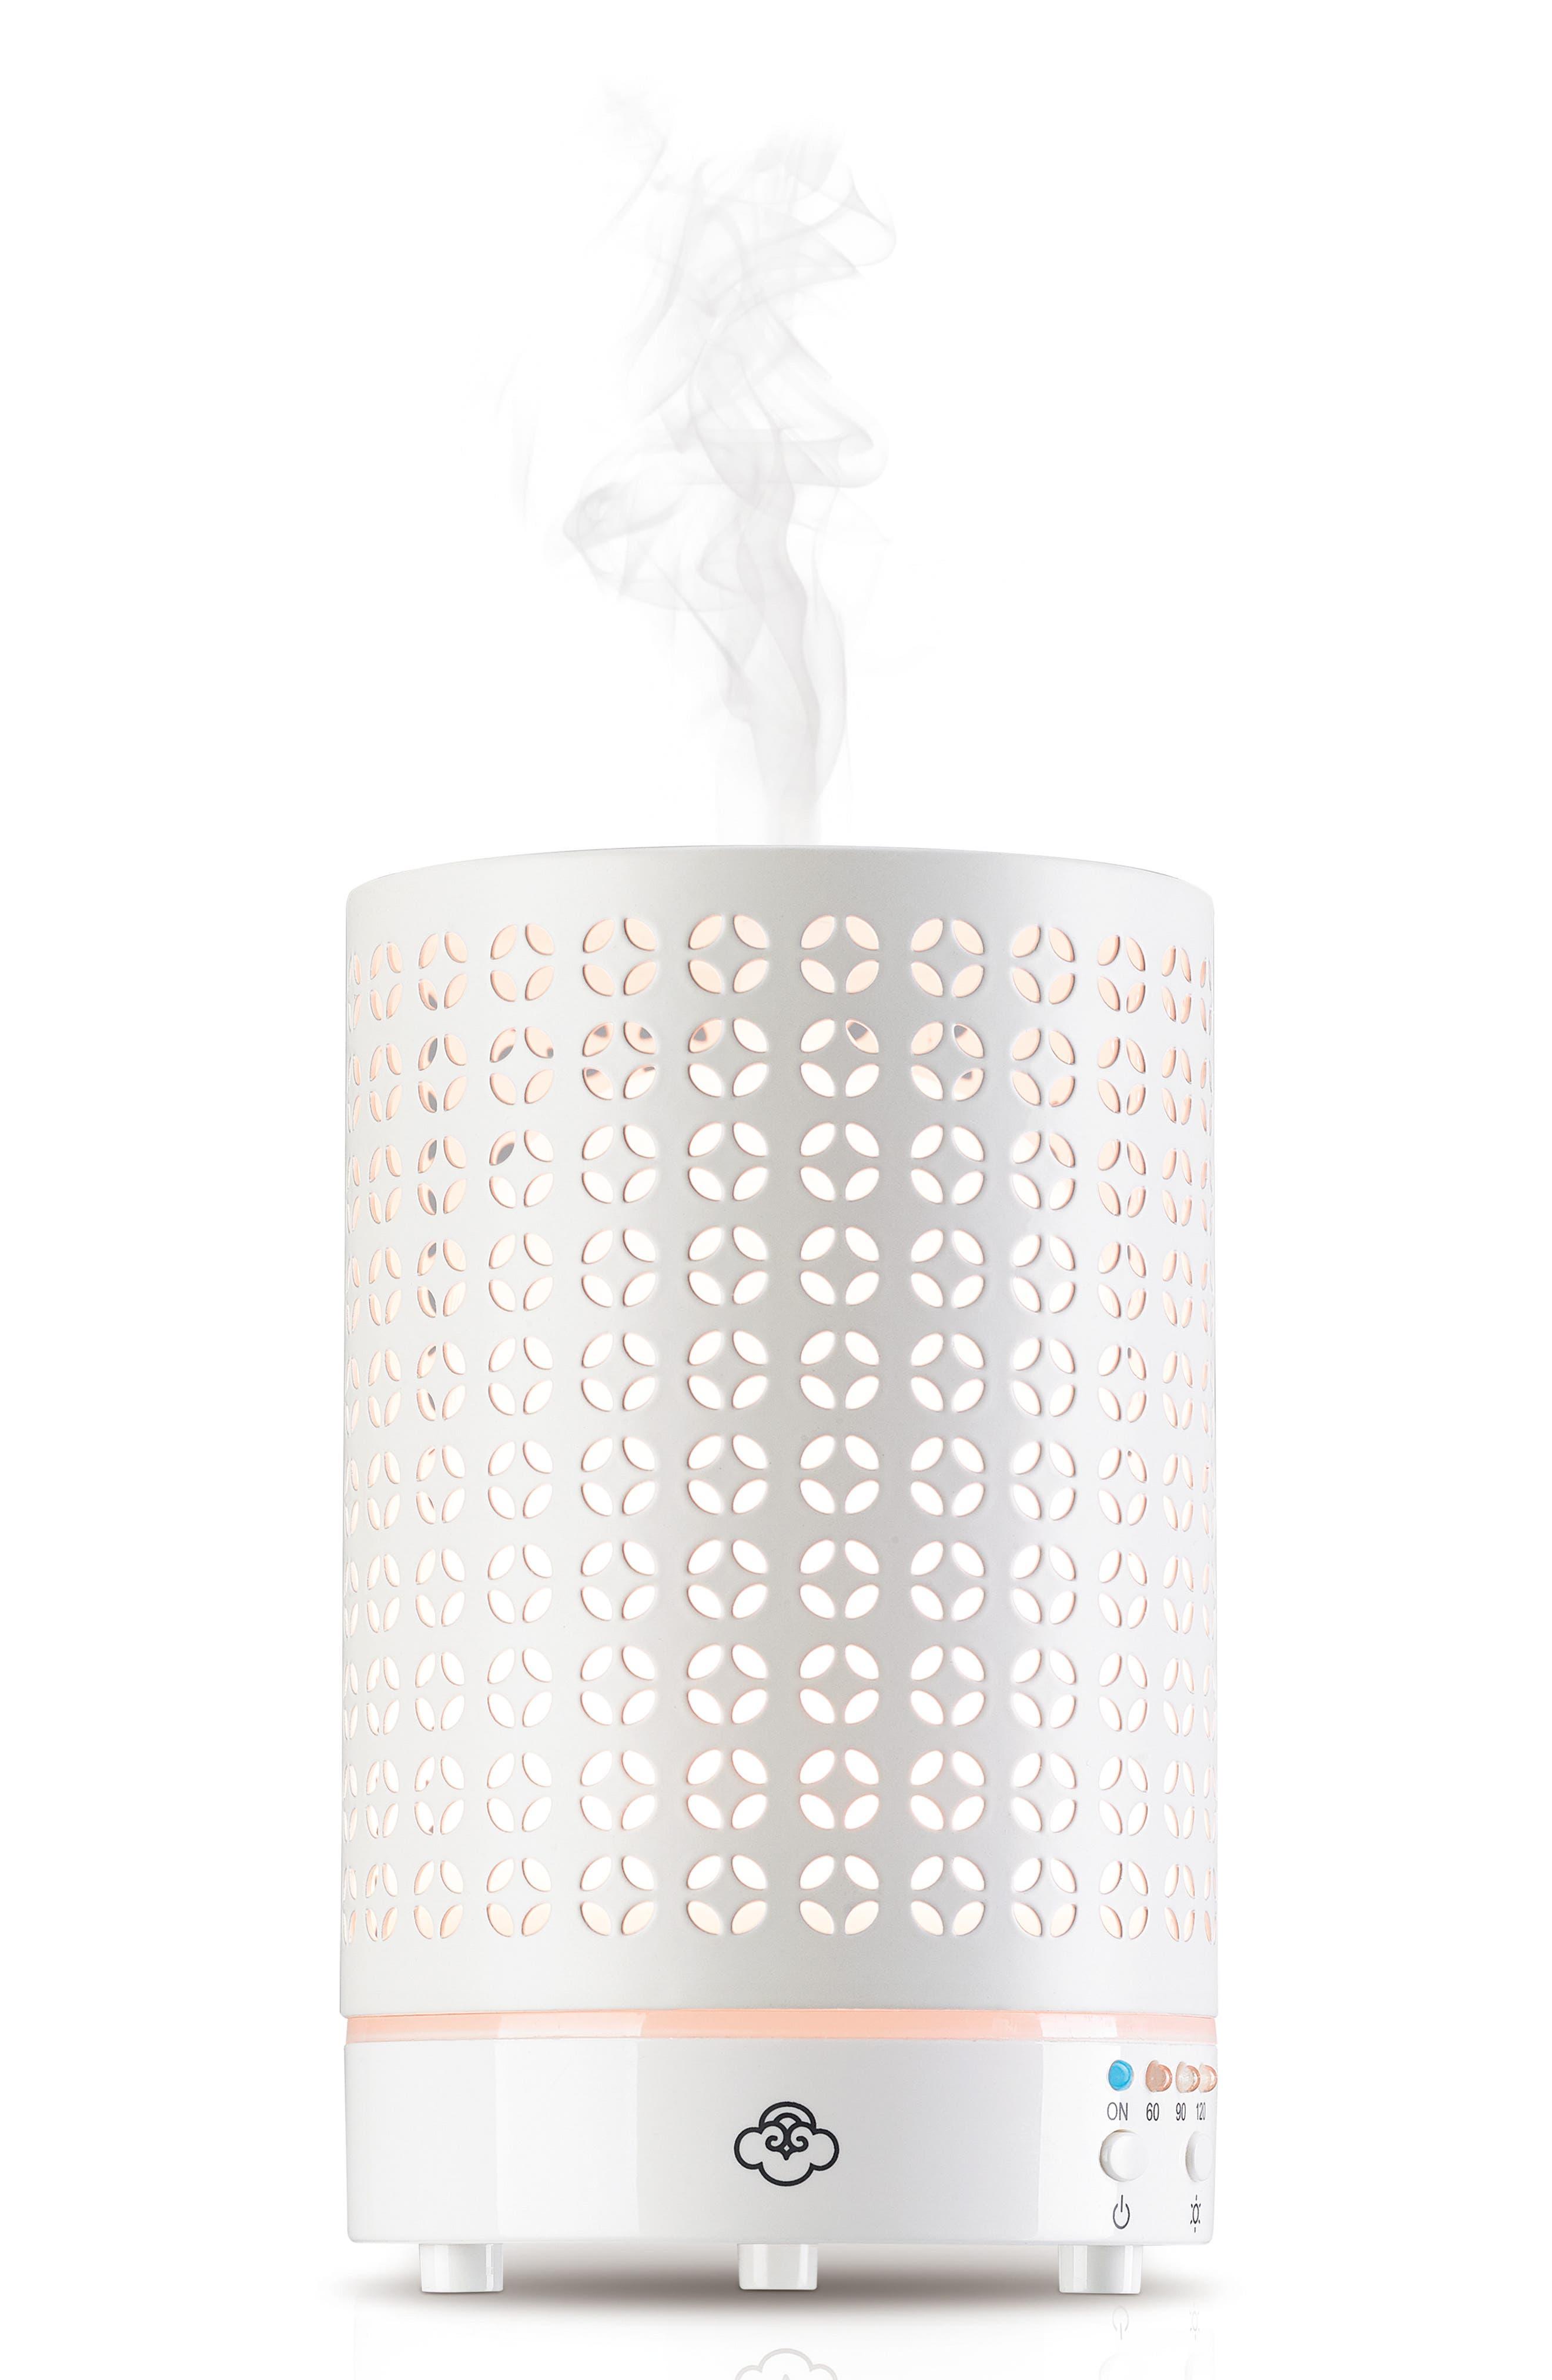 Cool Mist Cosmos Scentilizer Ultrasonic Aroma Diffuser, Main, color, WHITE